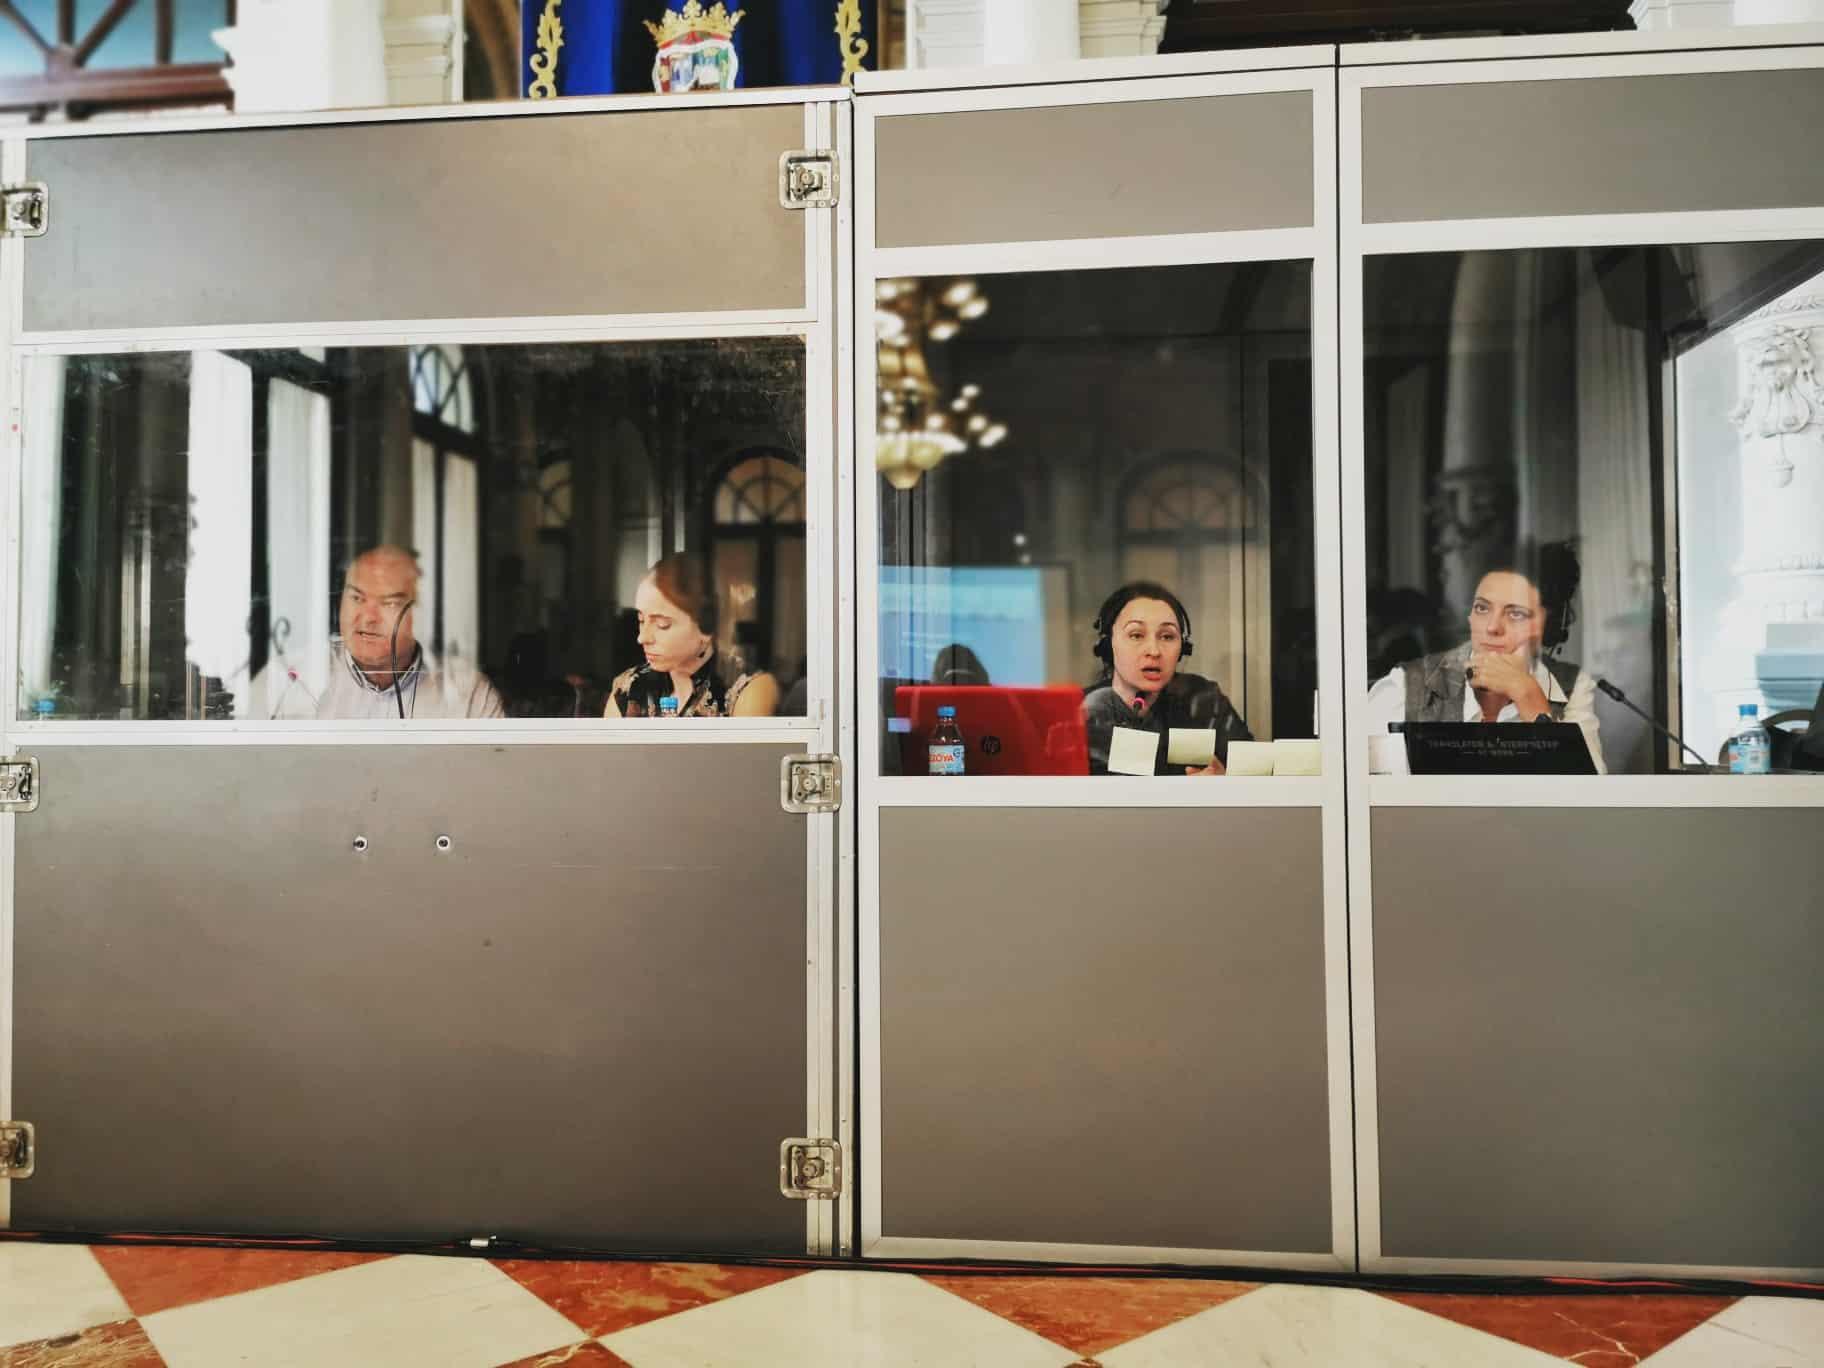 Intérpretes profesional durante la interpretación